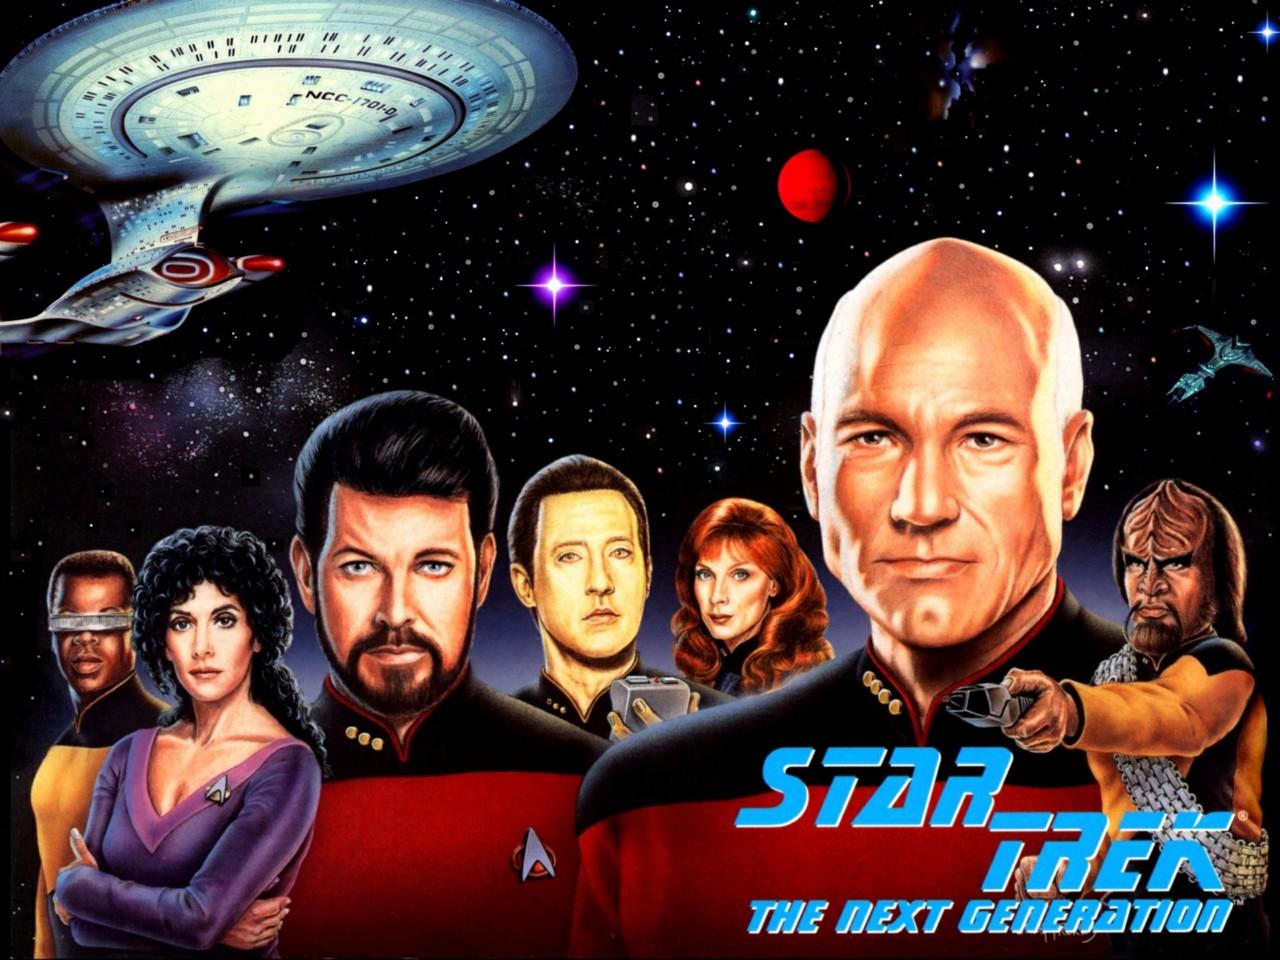 Star Trek The Next Generation 8x10 11x17 16x20